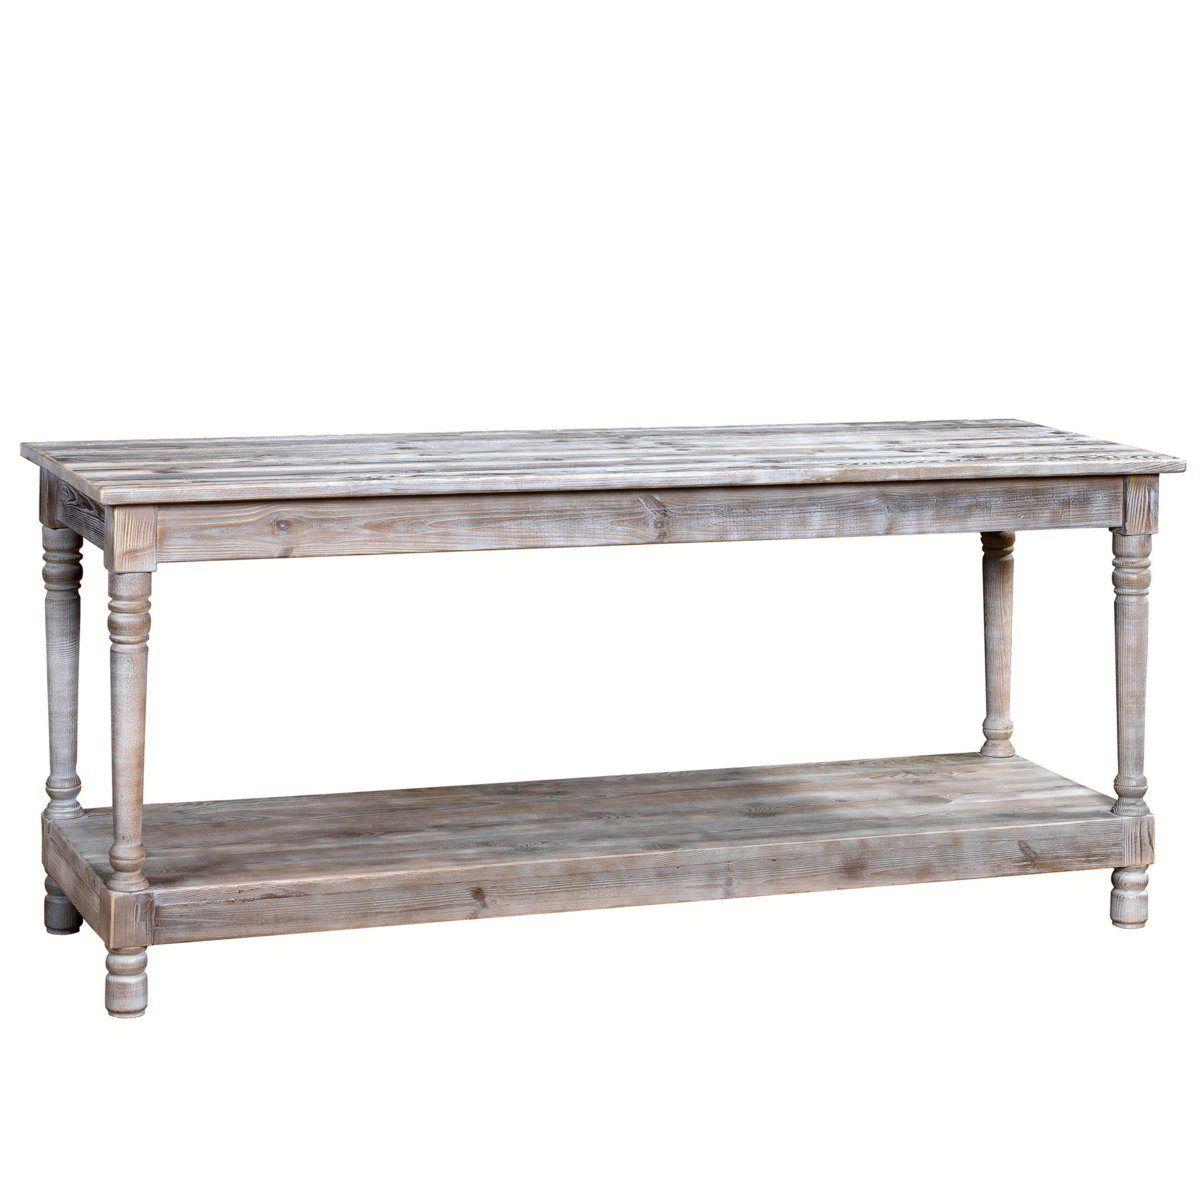 table de drapier agreste am pm 2 tailles prix promo am pm la redoute 399 20 ttc au lieu 499. Black Bedroom Furniture Sets. Home Design Ideas